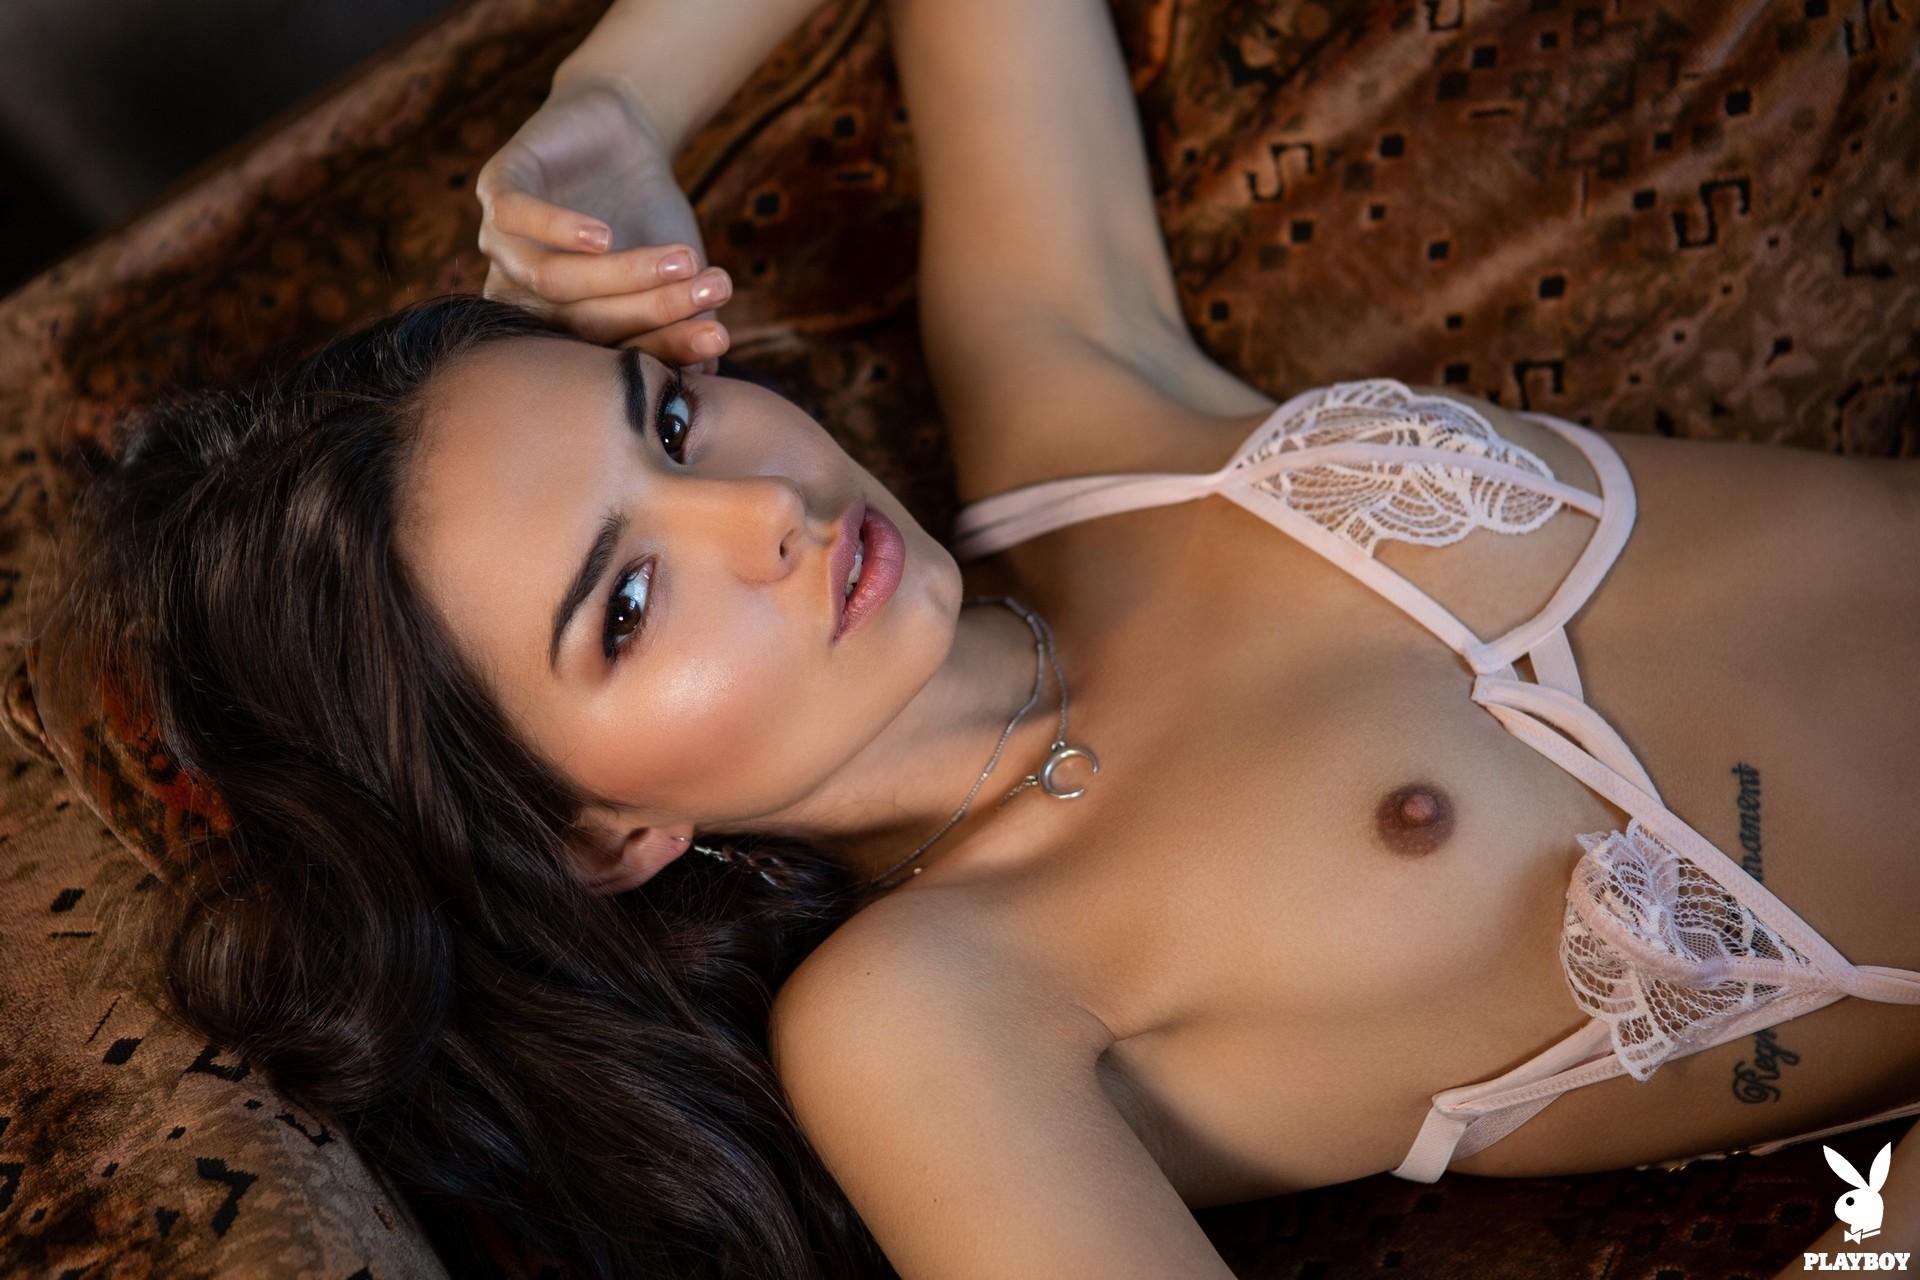 Dominique Gabrielle in Rustic Seduction - Playboy Plus 18